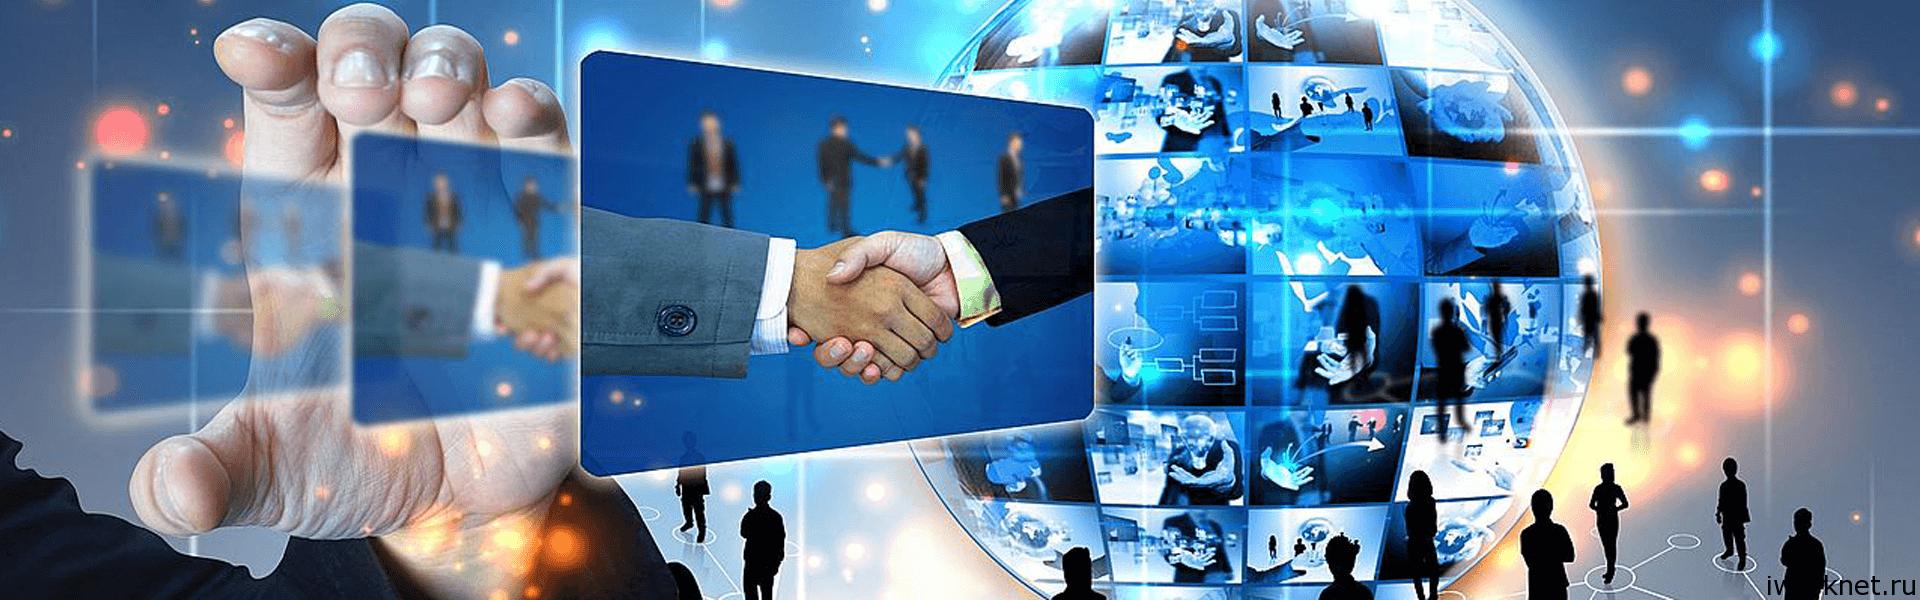 Заработок в инстаграм на лайках и подписках